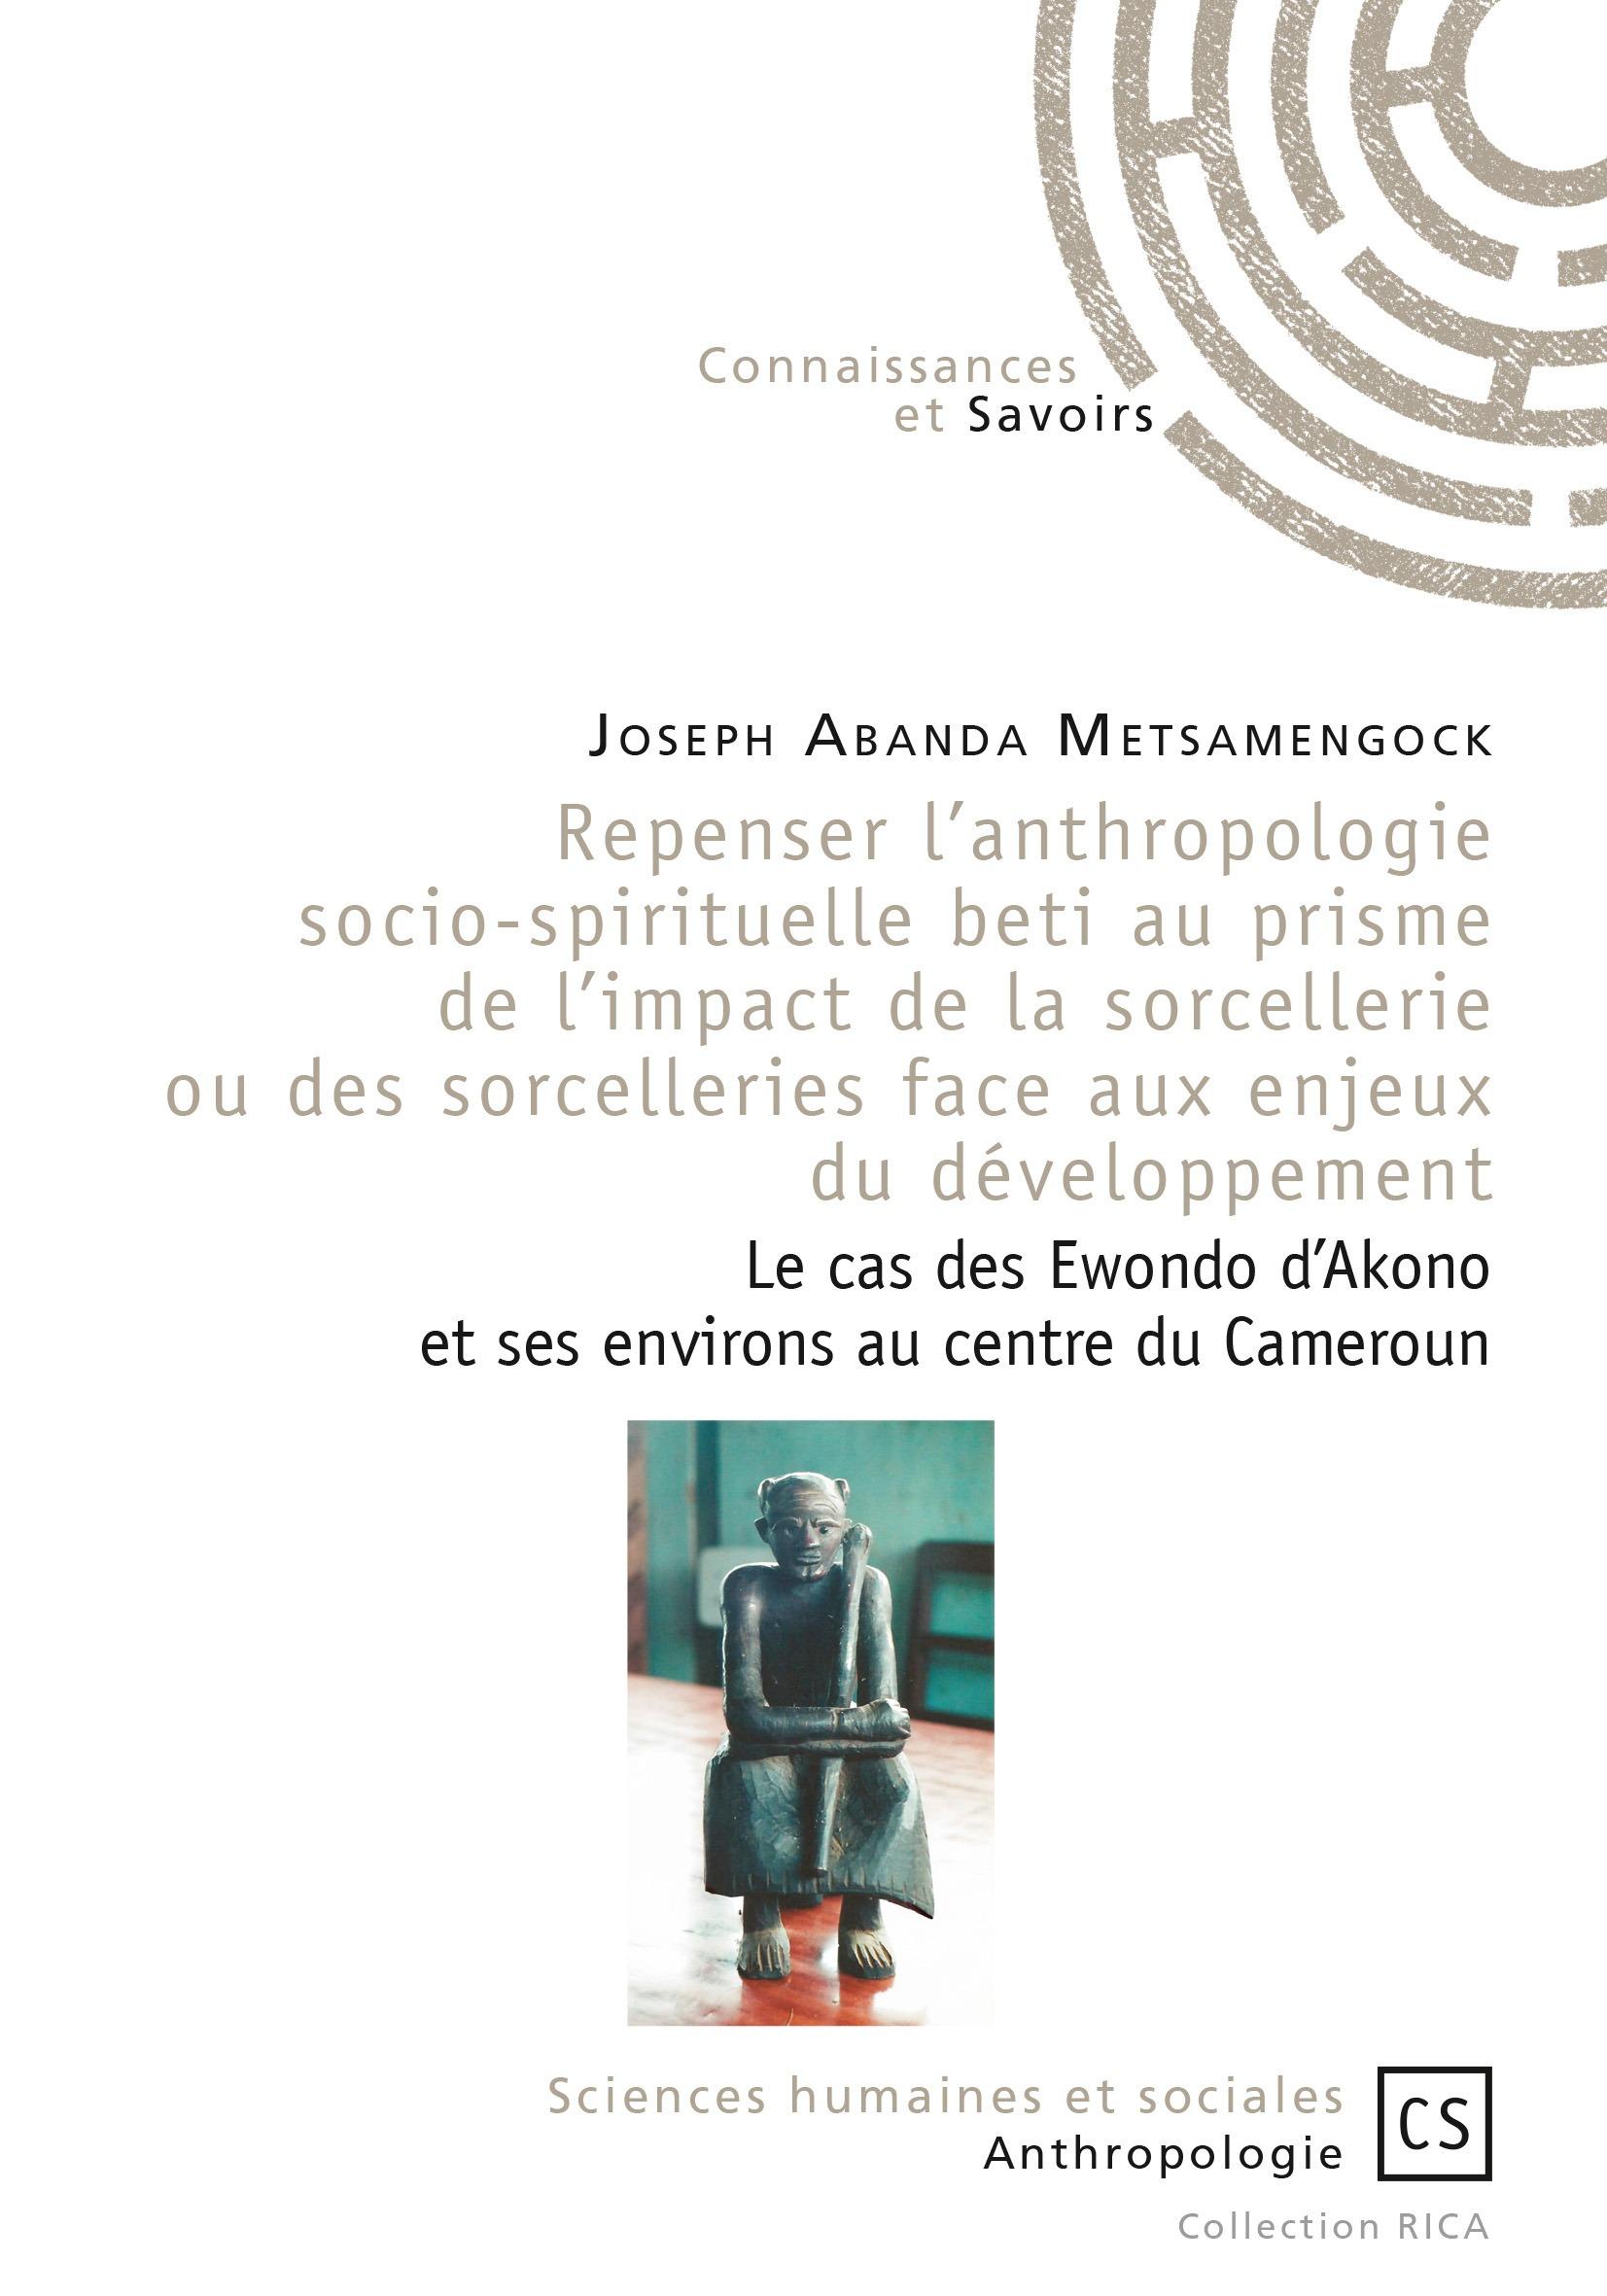 Joseph Abanda Metsamengock Repenser l'anthropologie socio-spirituelle beti au prisme de l'impact de la sorcellerie ou des sorcelleries face aux enjeux du développement